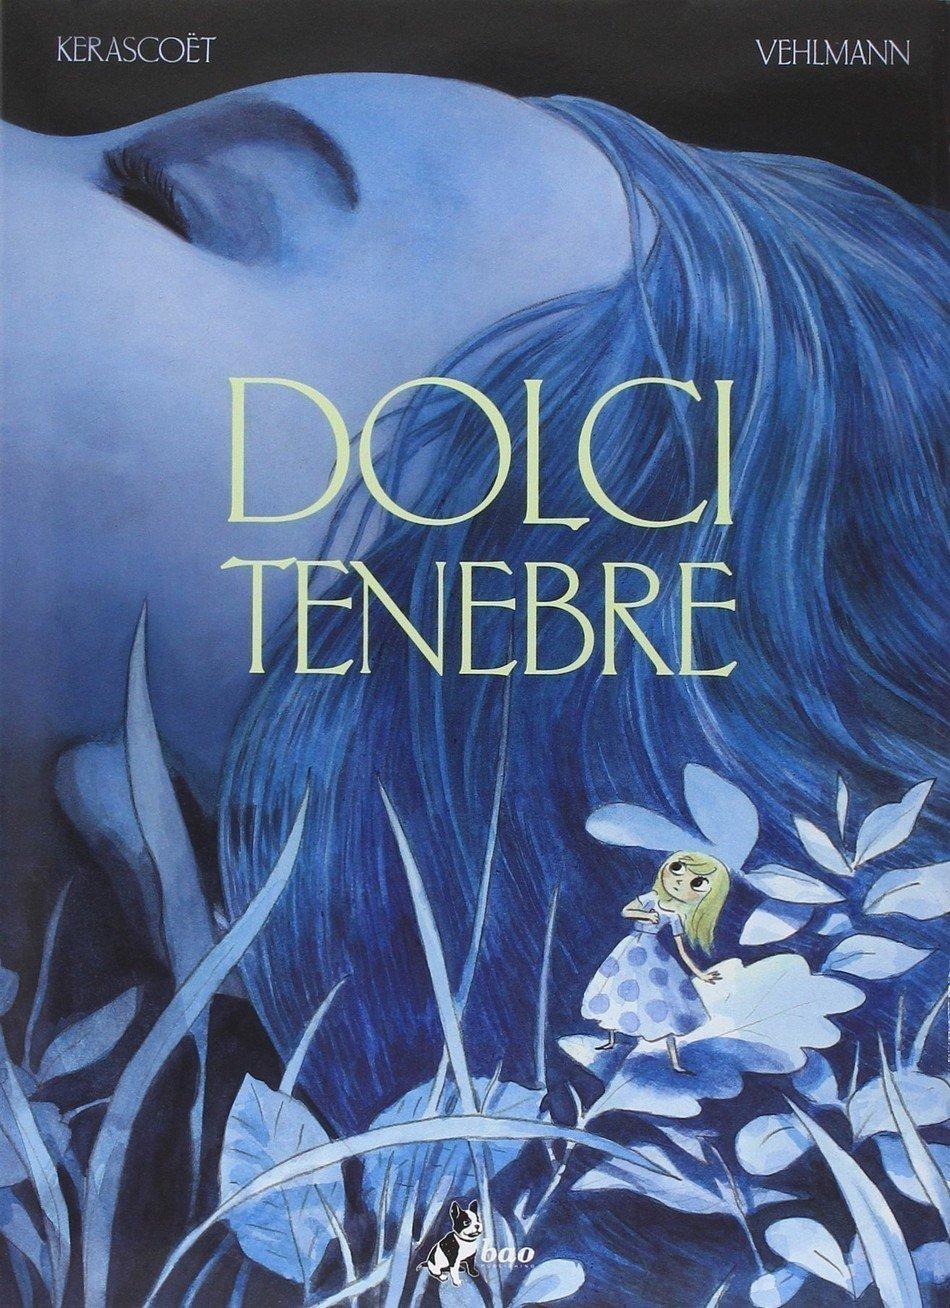 dolci-tenebre-cover